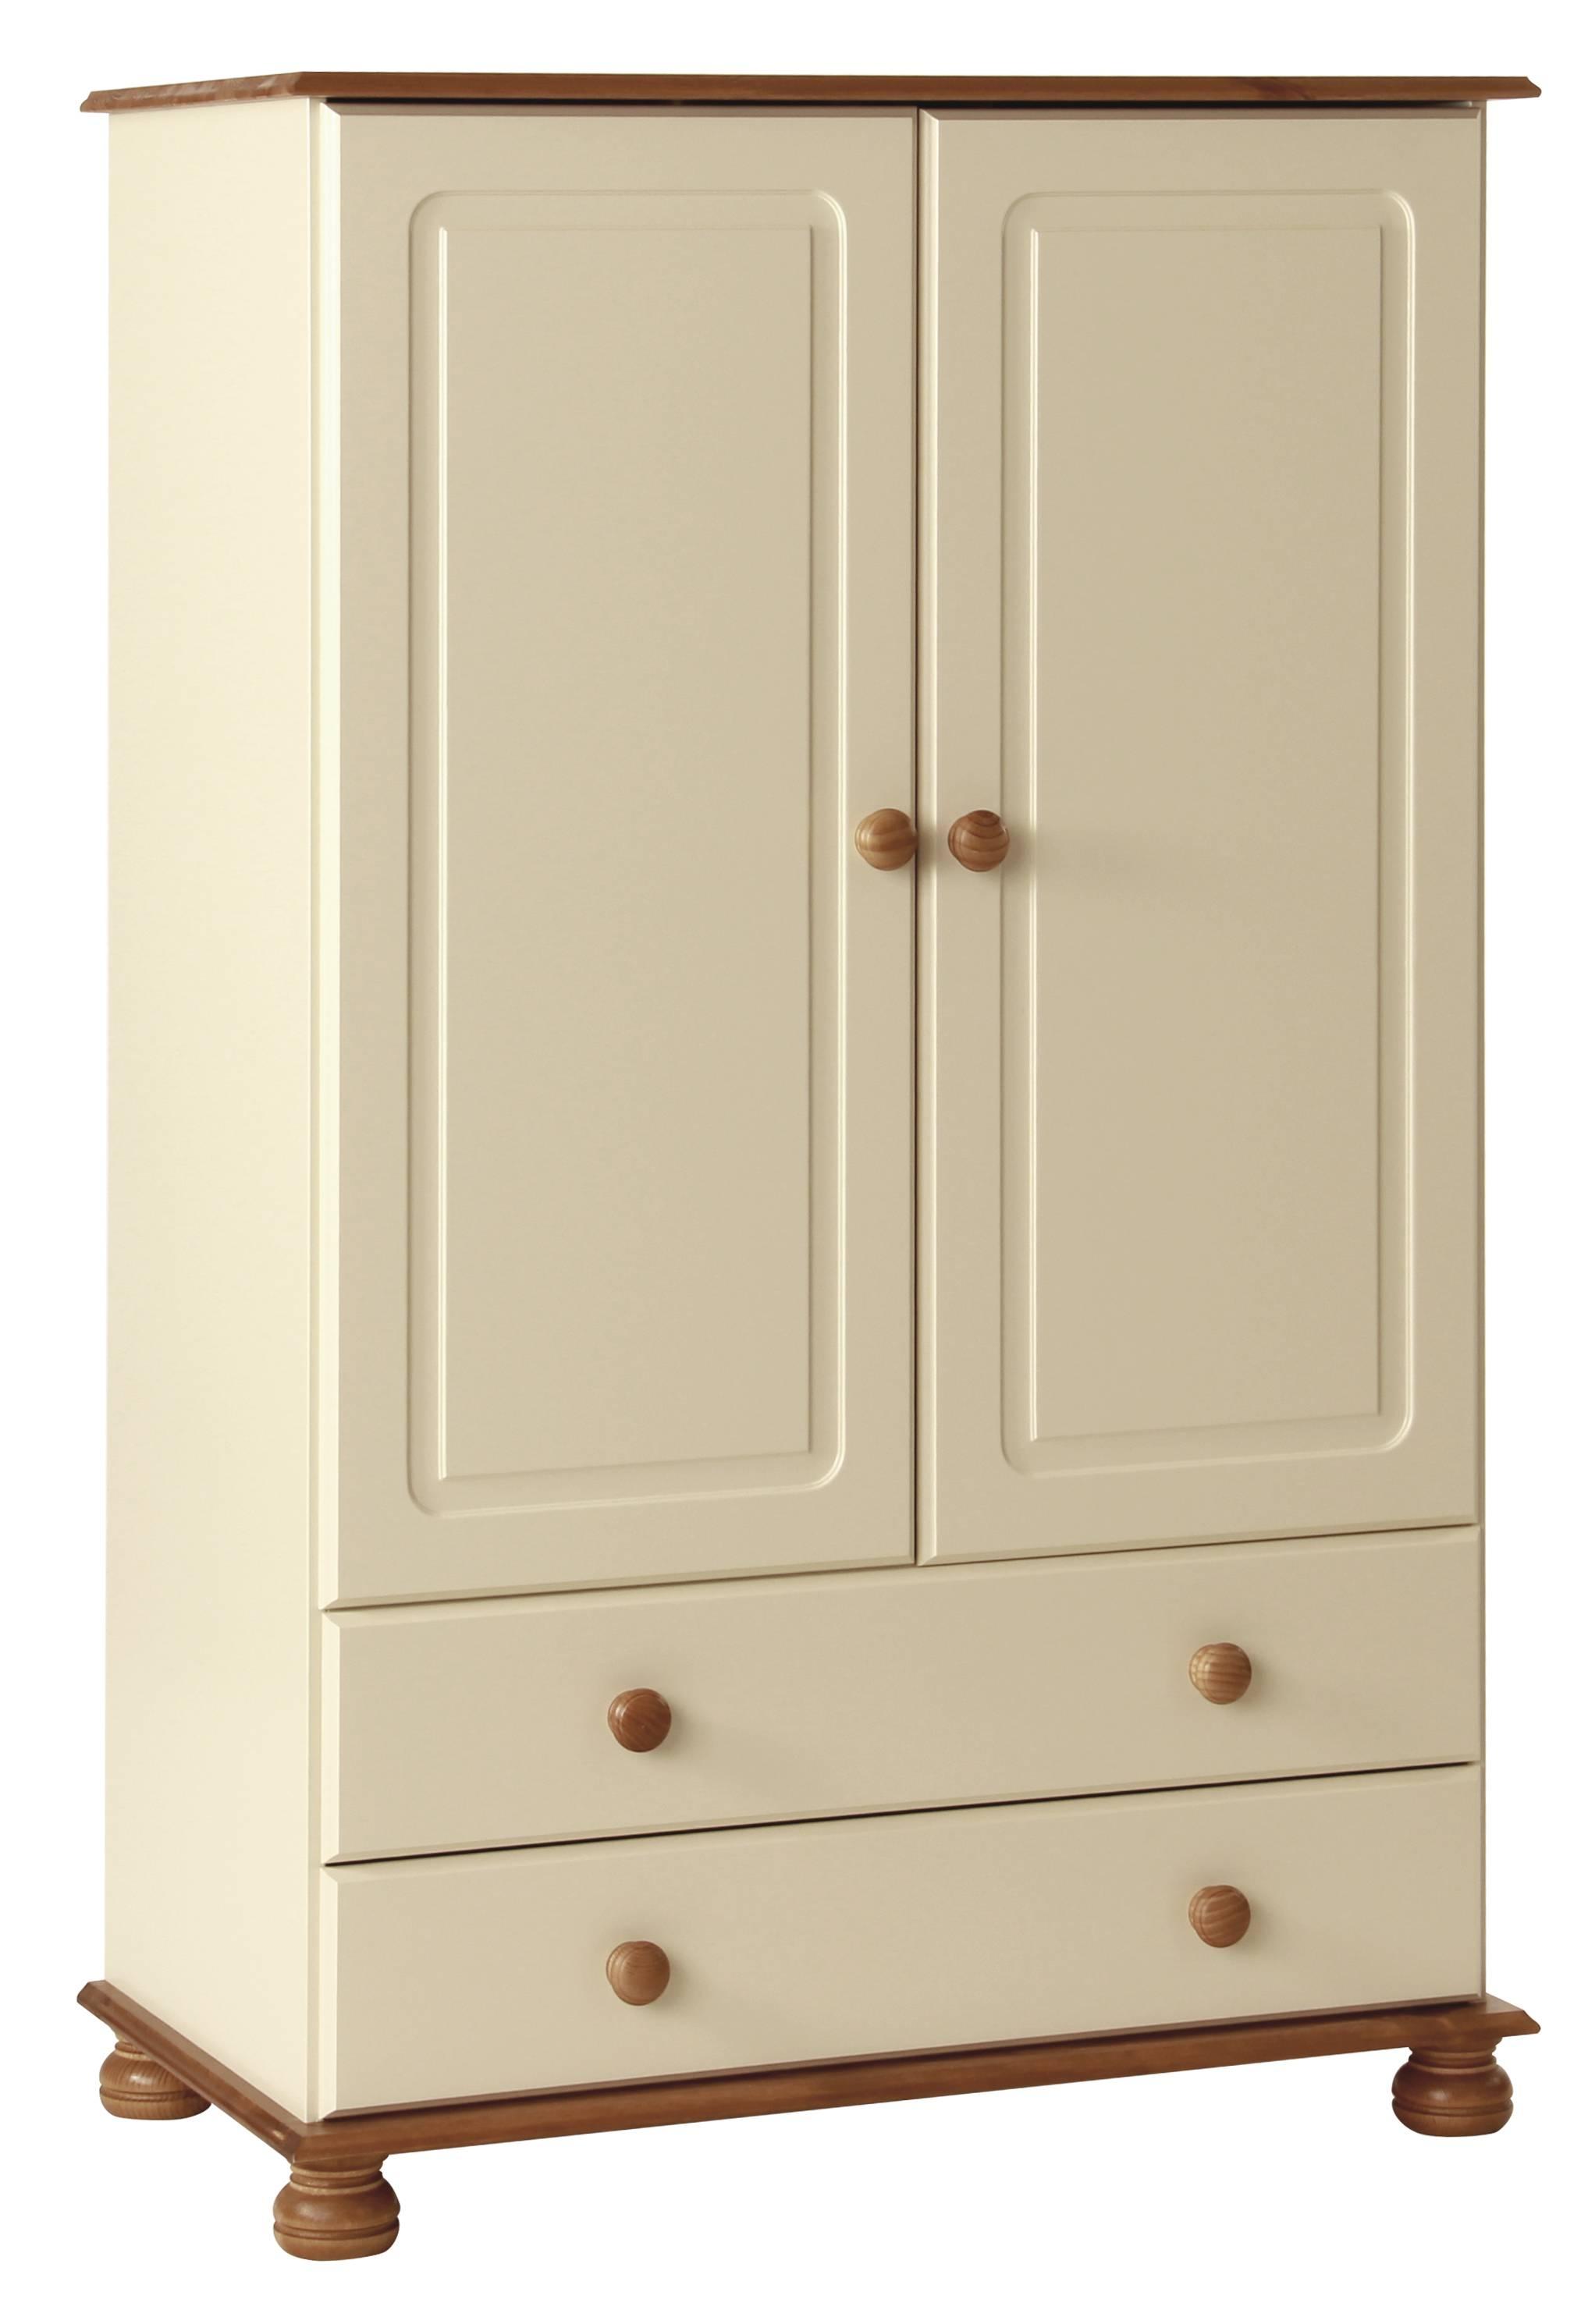 Abdabs Furniture - Copenhagen Cream 2 Door 2 Drawer Combi Wardrobe in Combi Wardrobes (Image 1 of 15)